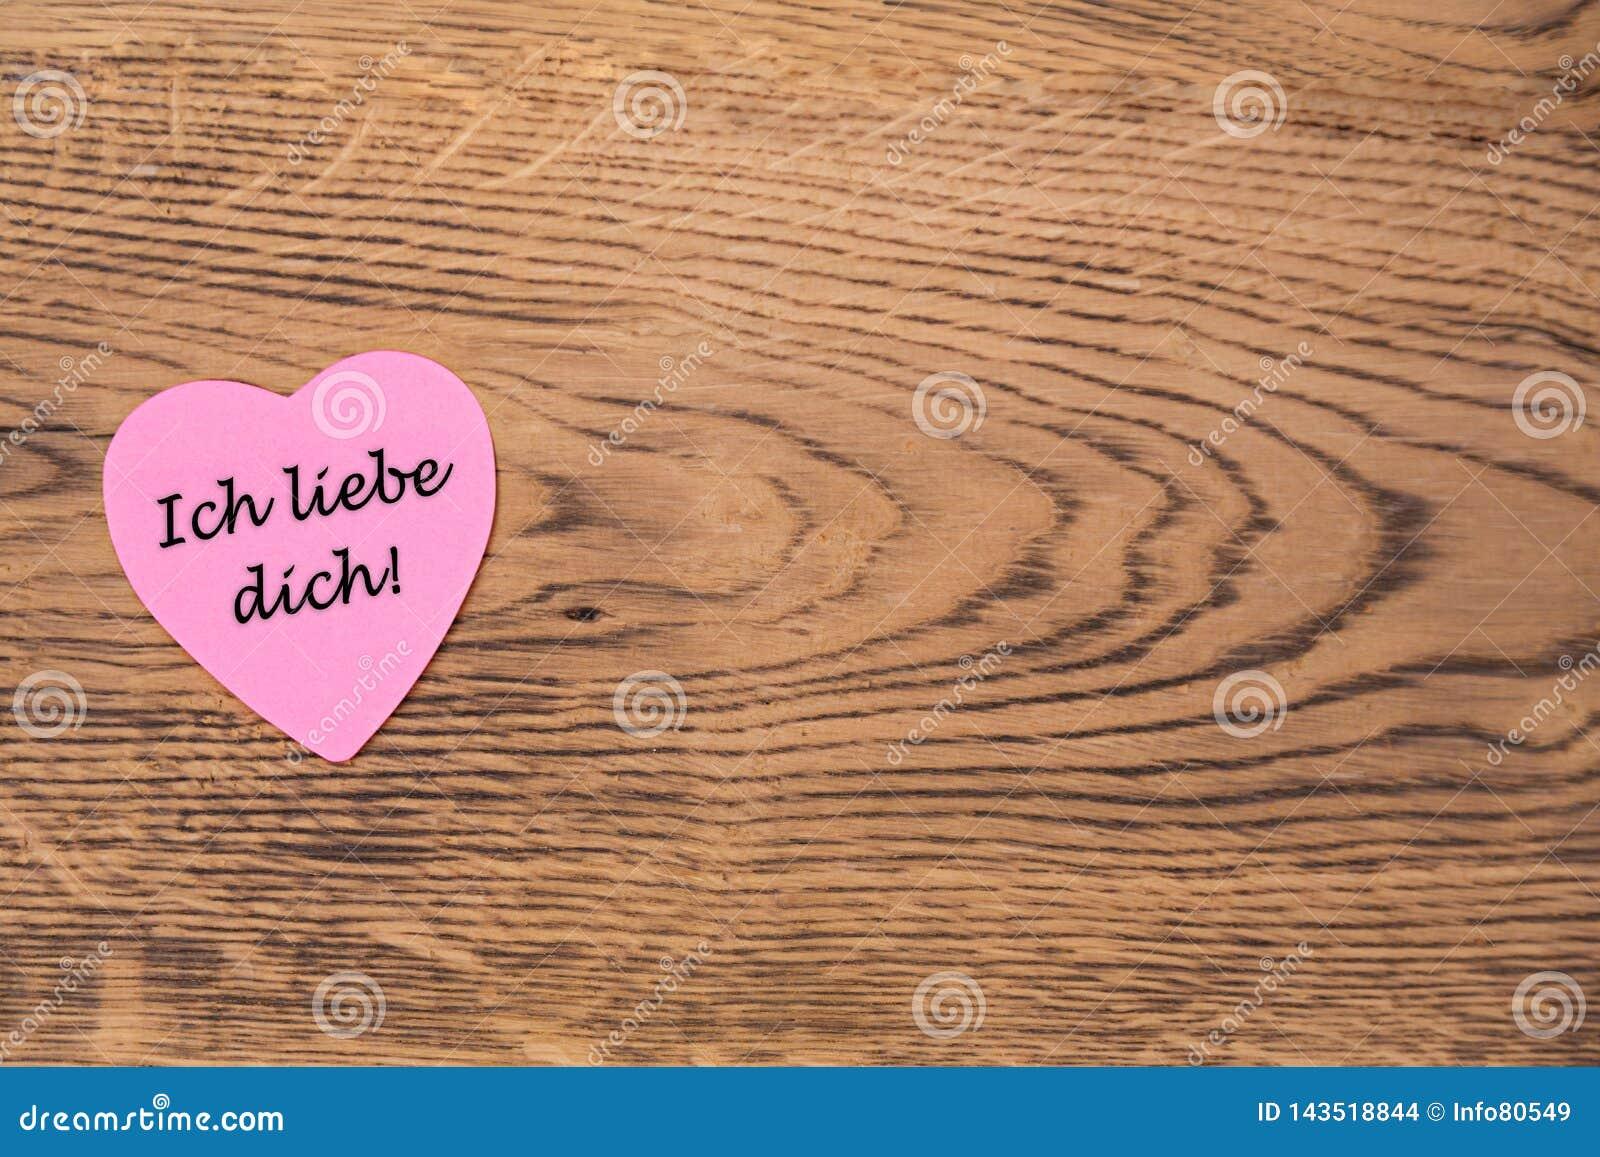 Rosa färghjärta stolpe-honom med texten 'Ich liebedich 'på en träbakgrund ?vers?ttning: ??lskar jag dig ?,